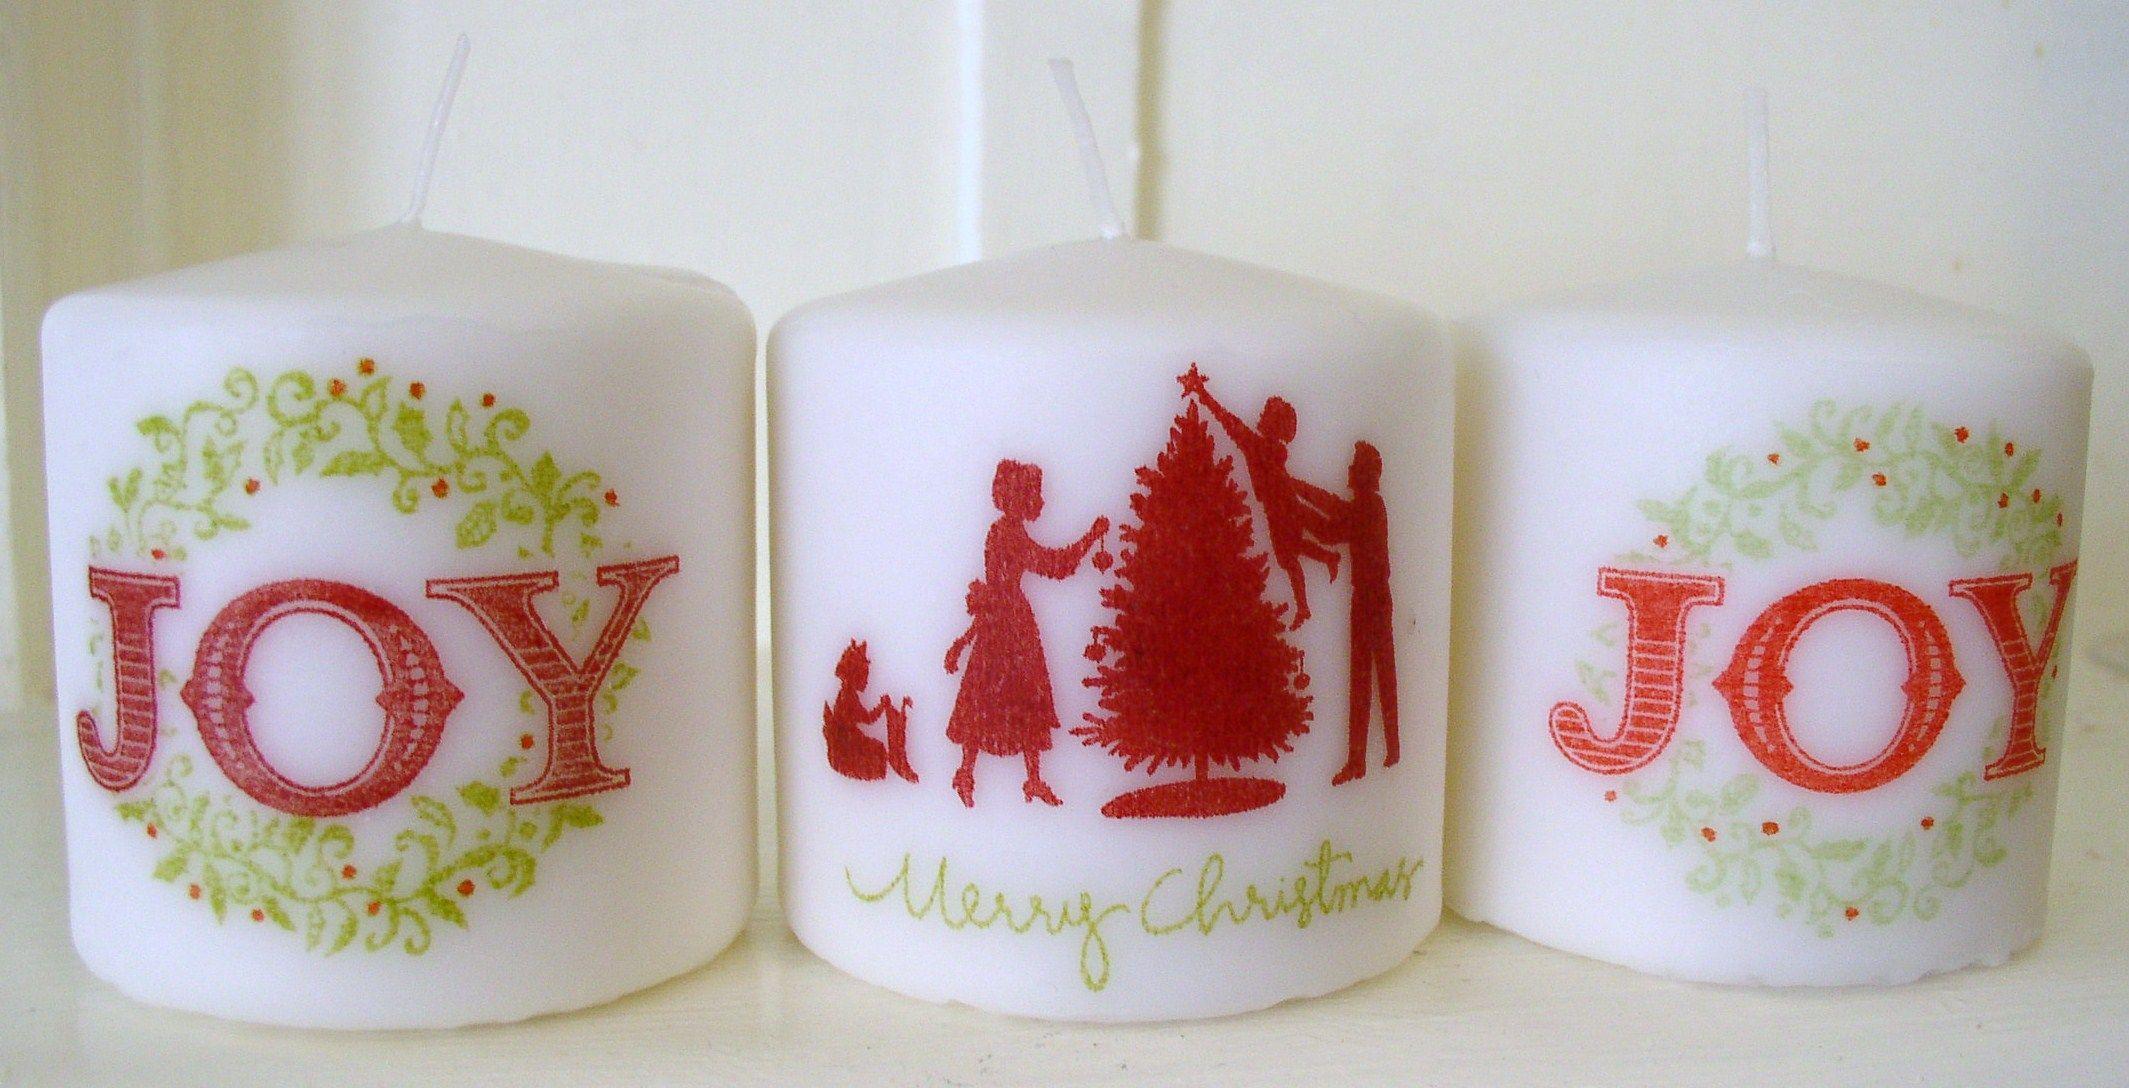 Christmas Candles - Christmas Candles